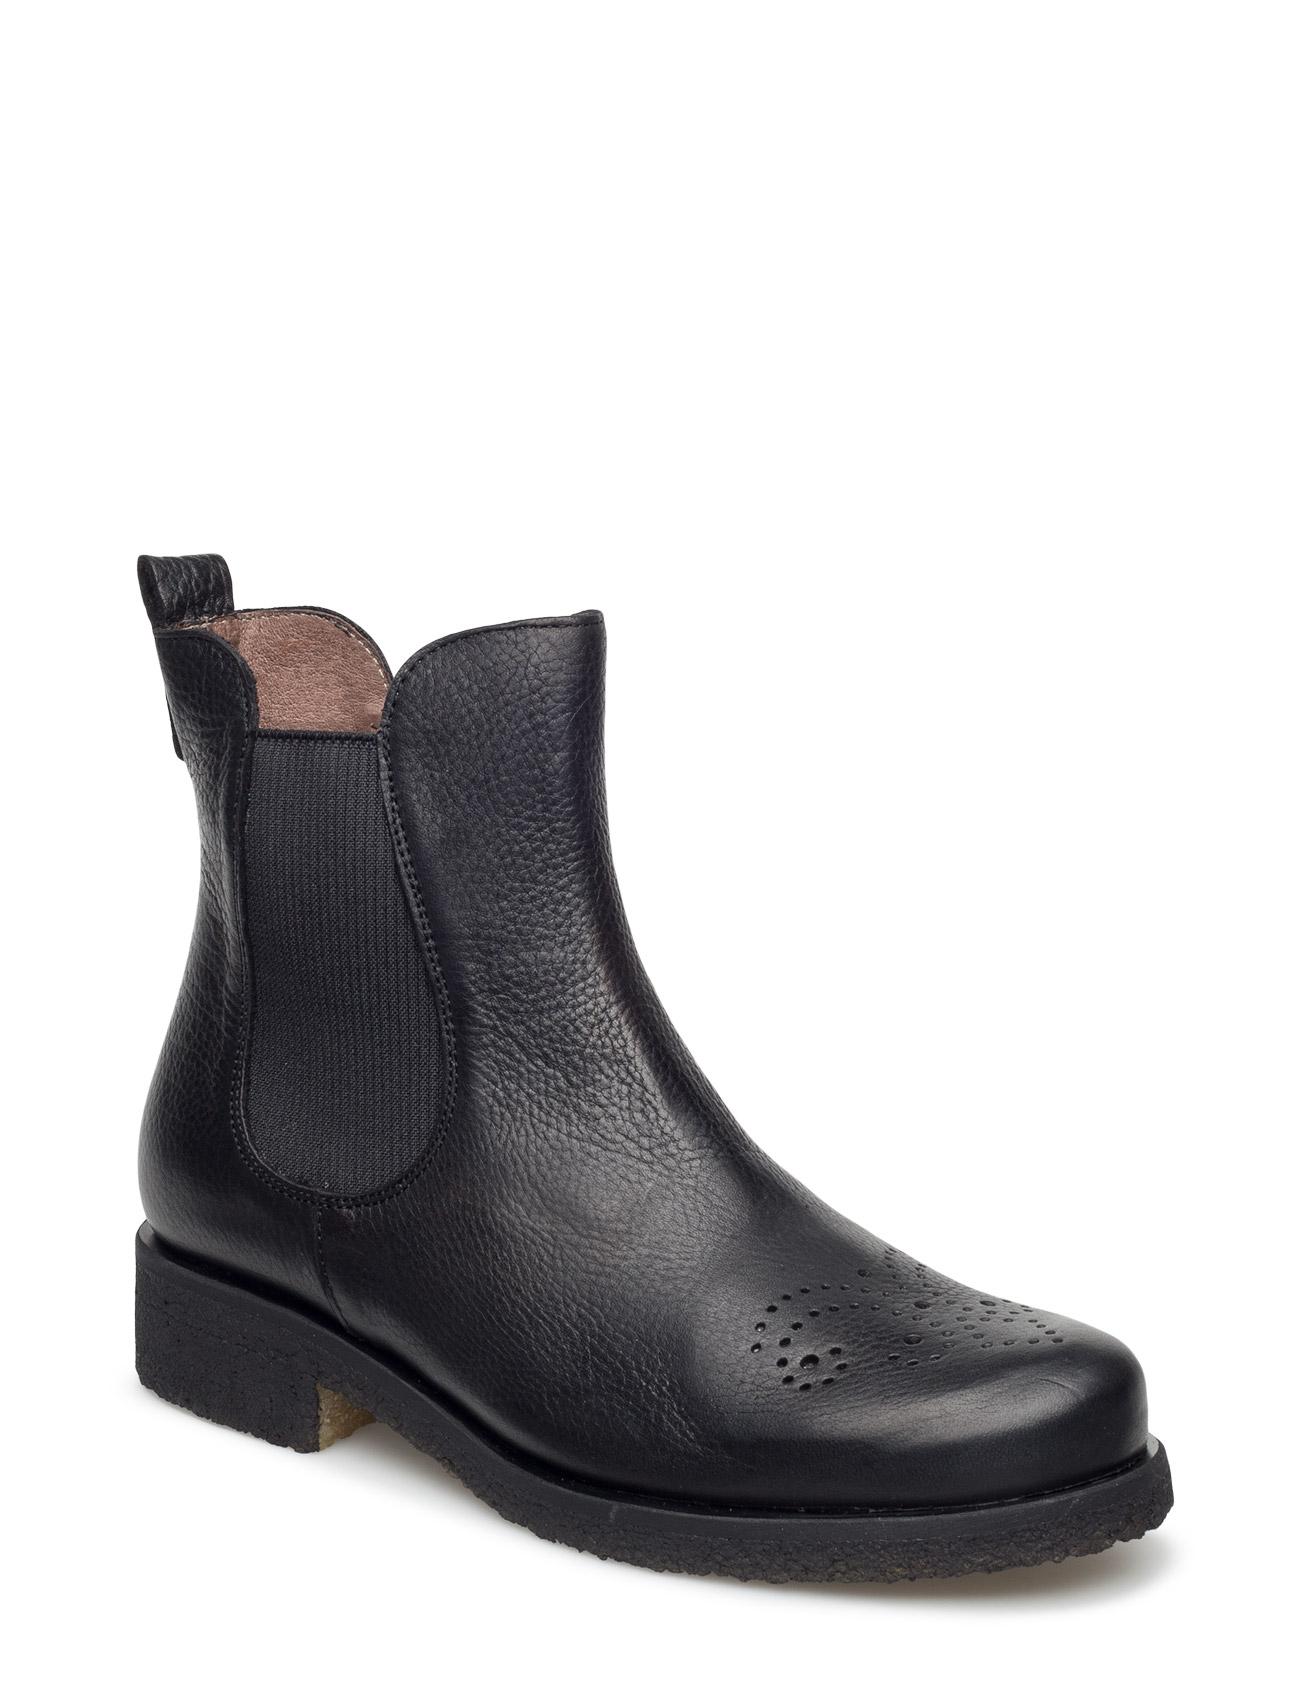 timberland nye støvler